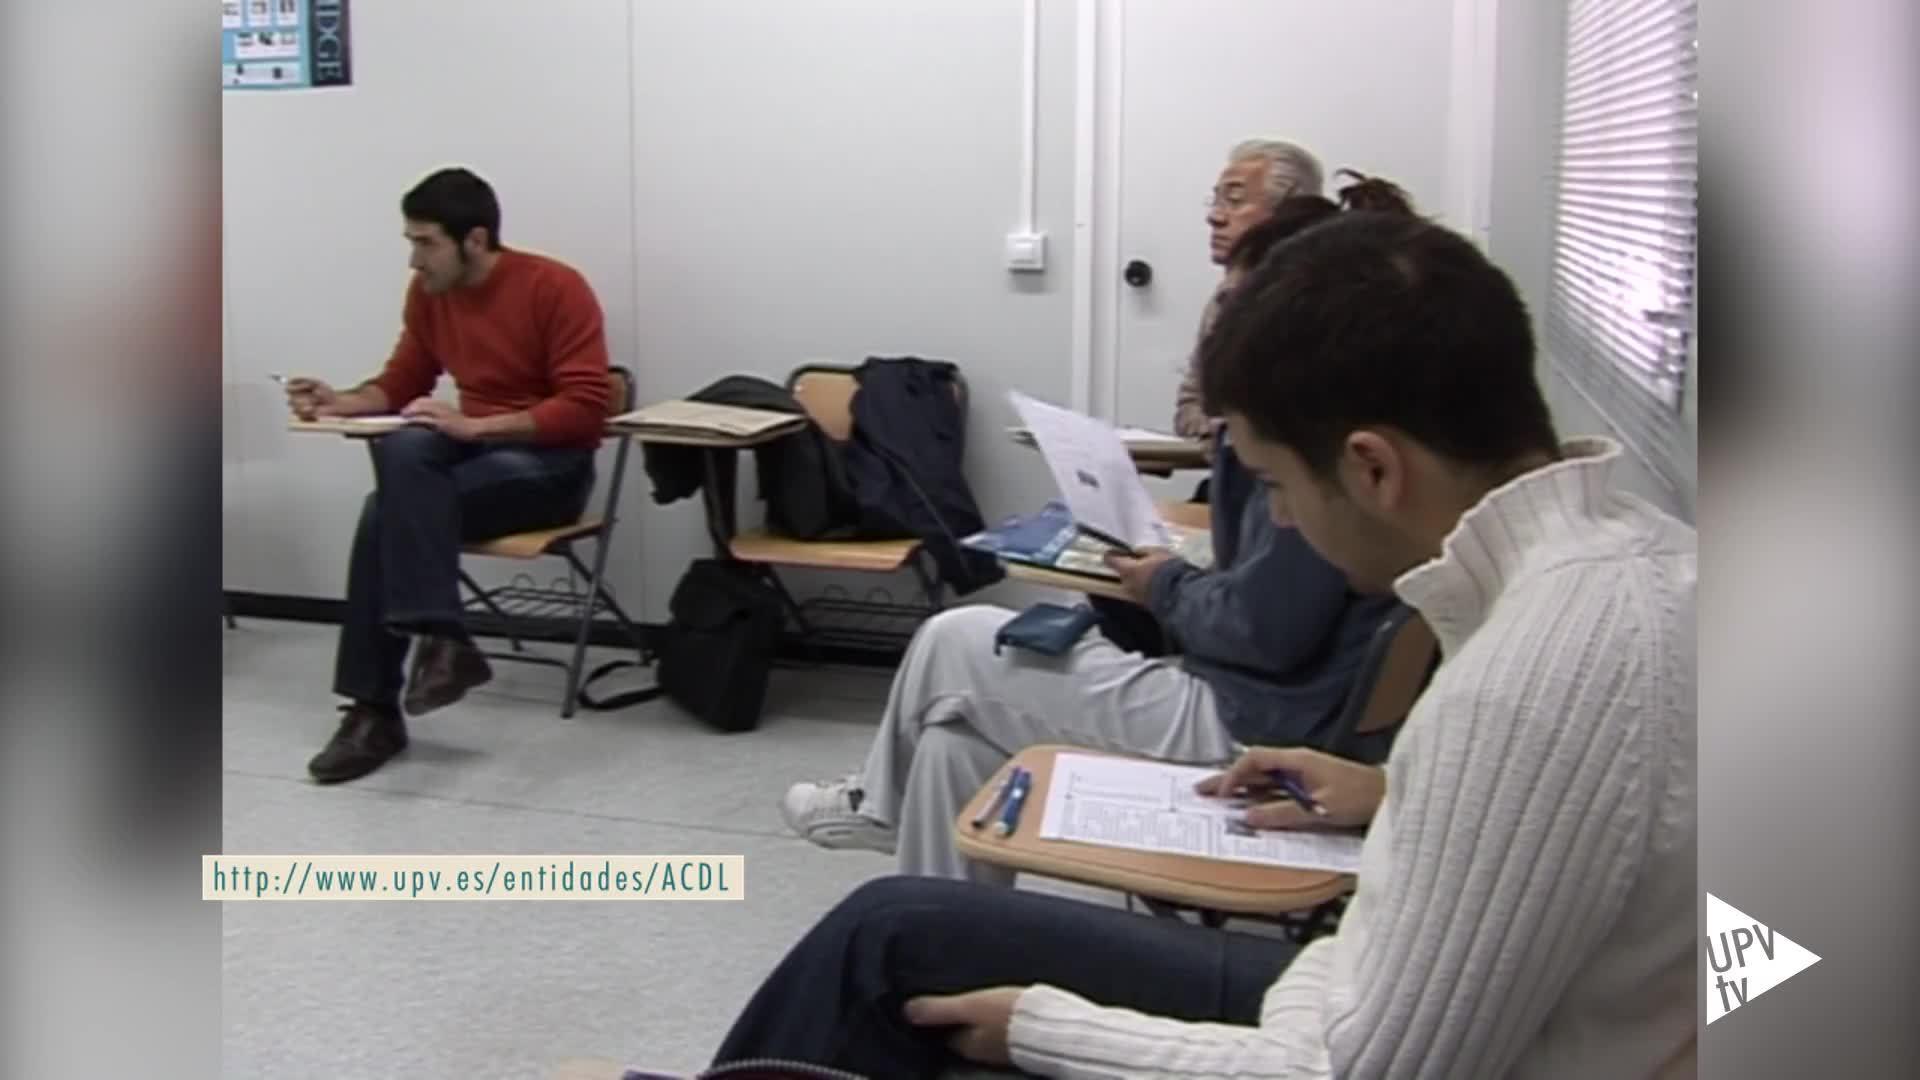 19-10-2015 Pruebas certificación competencia lingüística